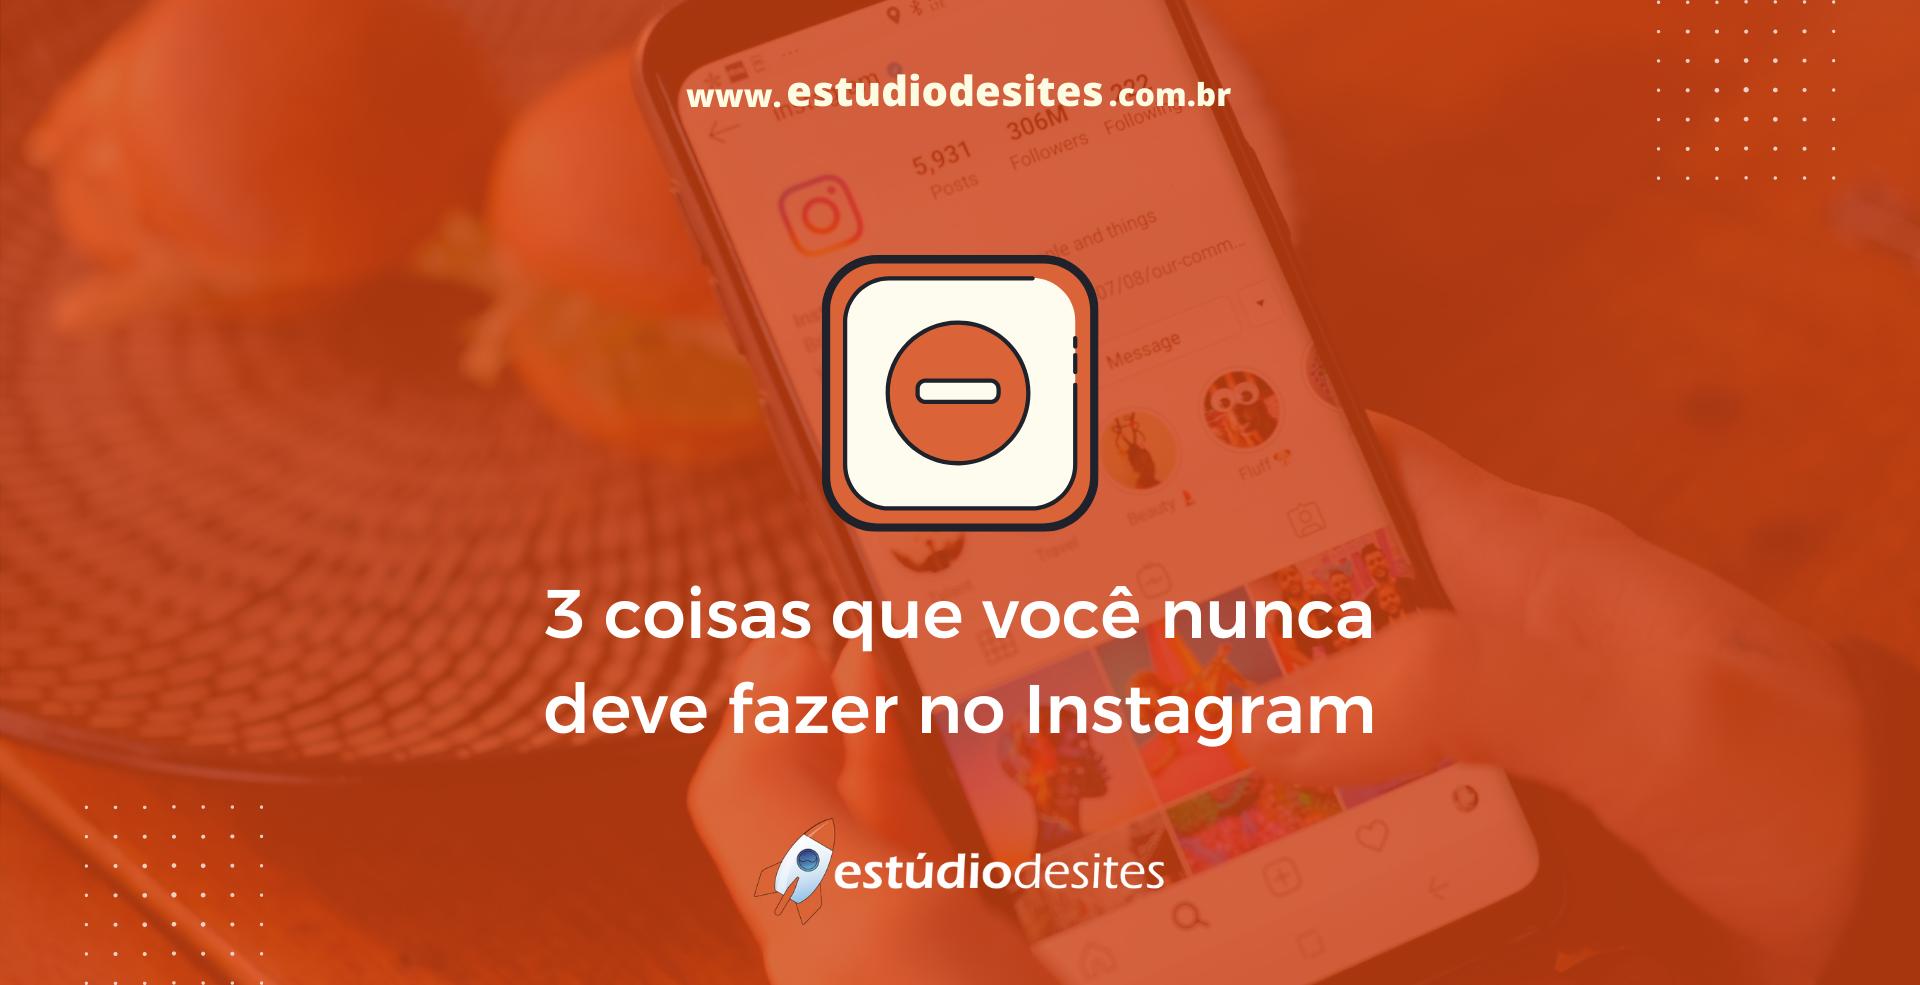 3 coisas que você nunca deve fazer no Instagram